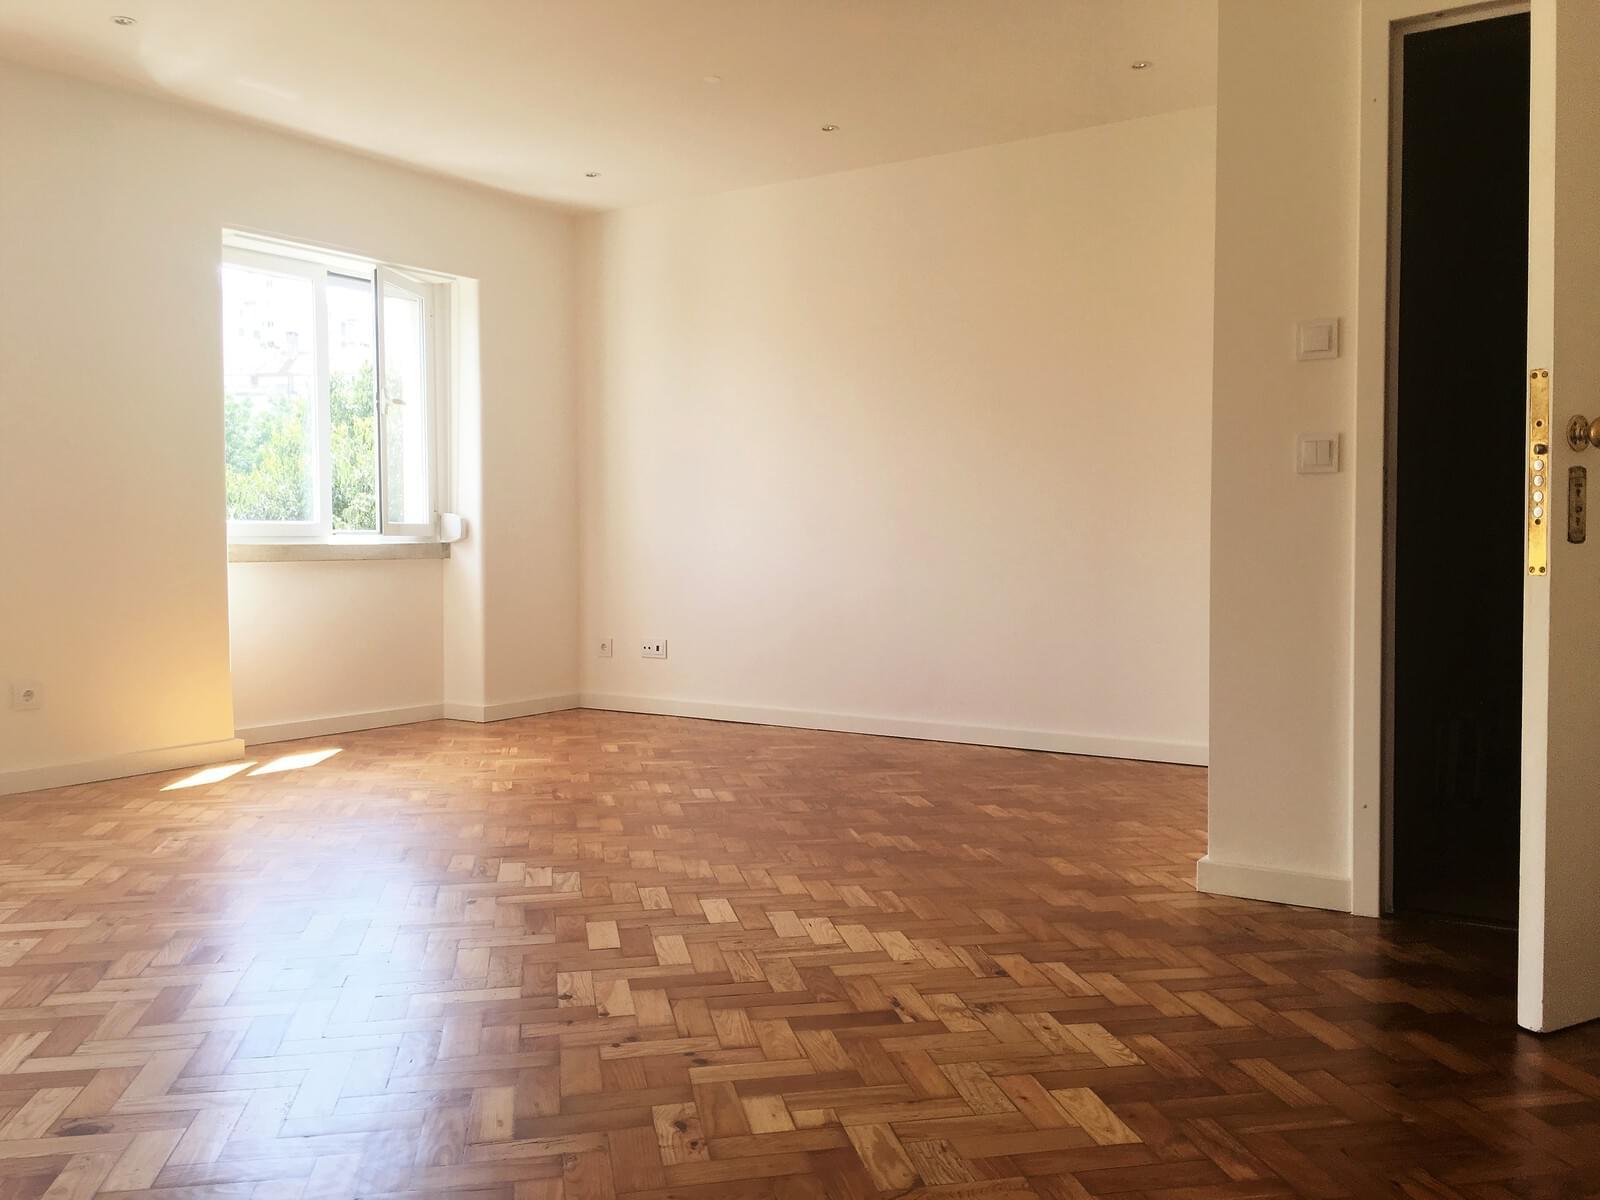 pf17642-apartamento-t3-lisboa-00eb953e-d878-4bfd-91f4-02a181f2e993